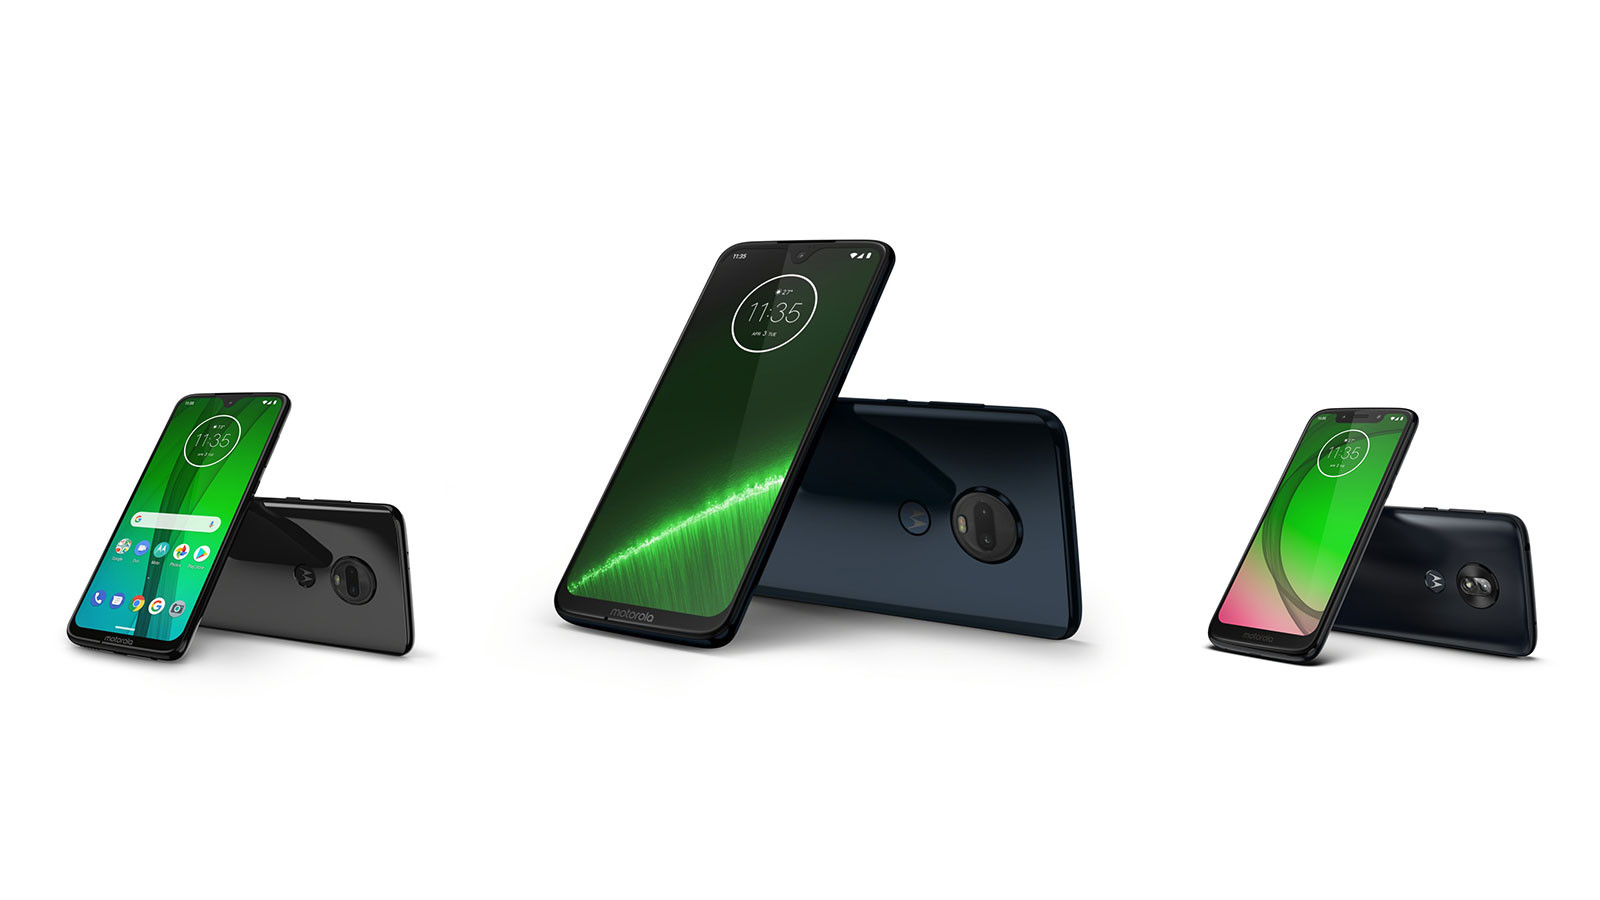 La nouvelle gamme Moto G7 à partir de 169 euros — Motorola